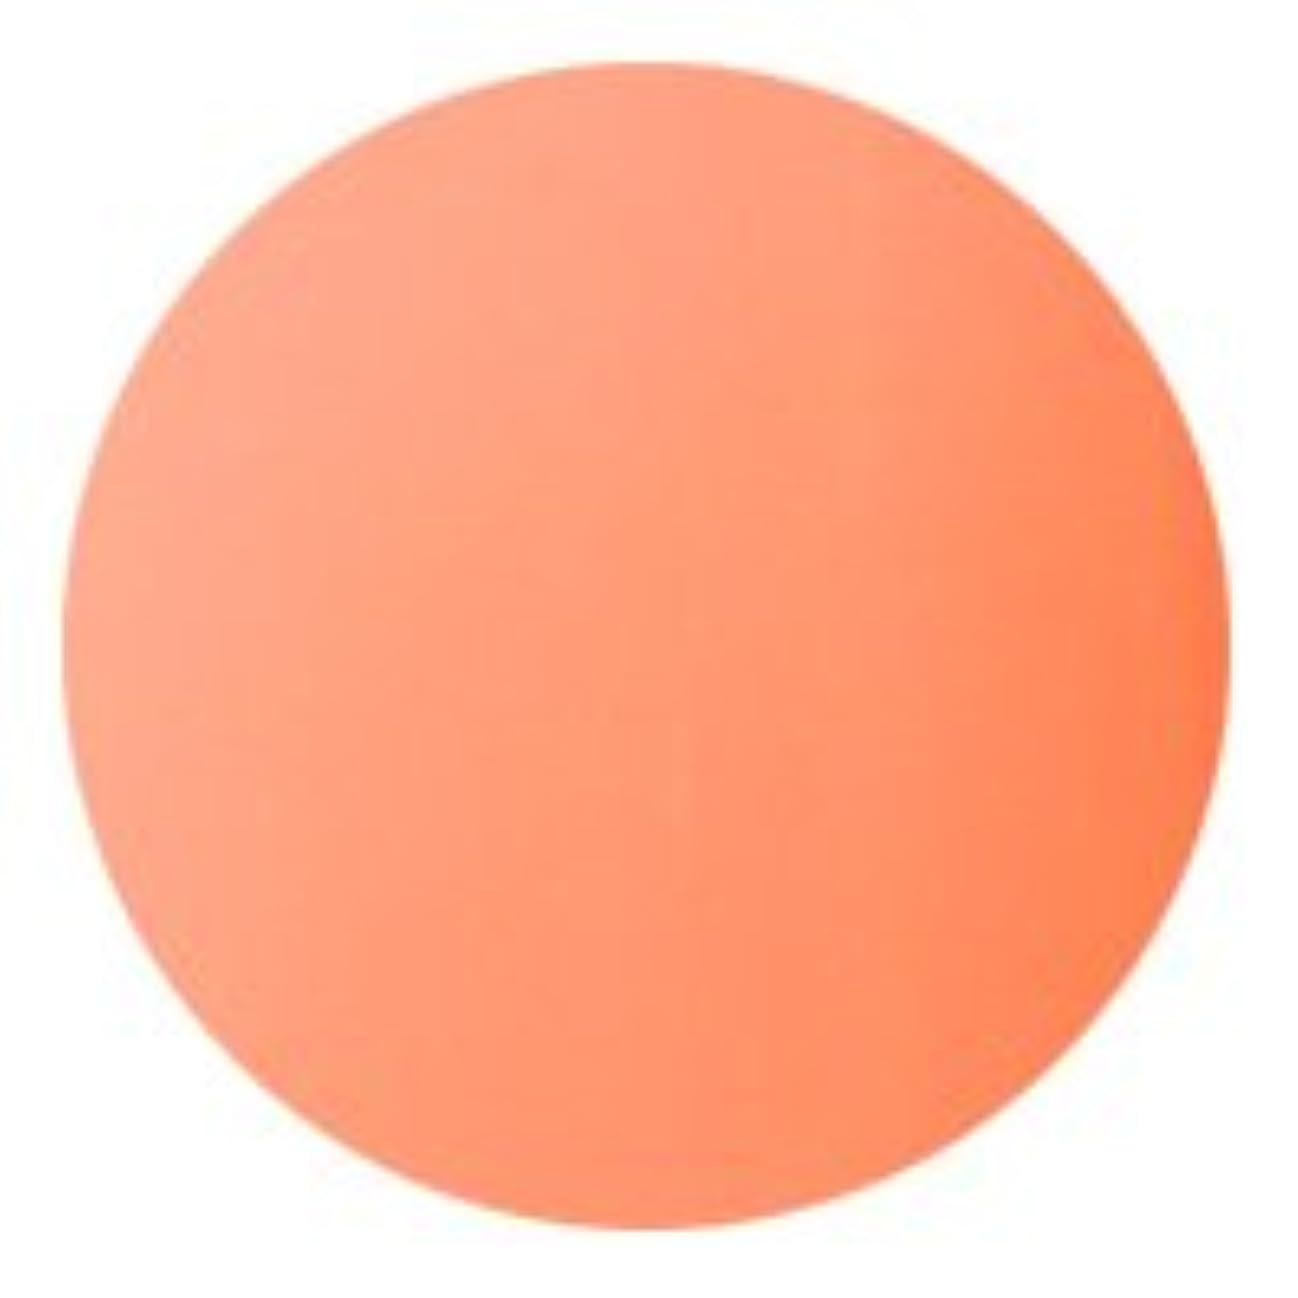 バングラデシュリゾートヒューズ★AKZENTZ(アクセンツ) UV/LED オプションズ 4g<BR>080 サーモンピンク